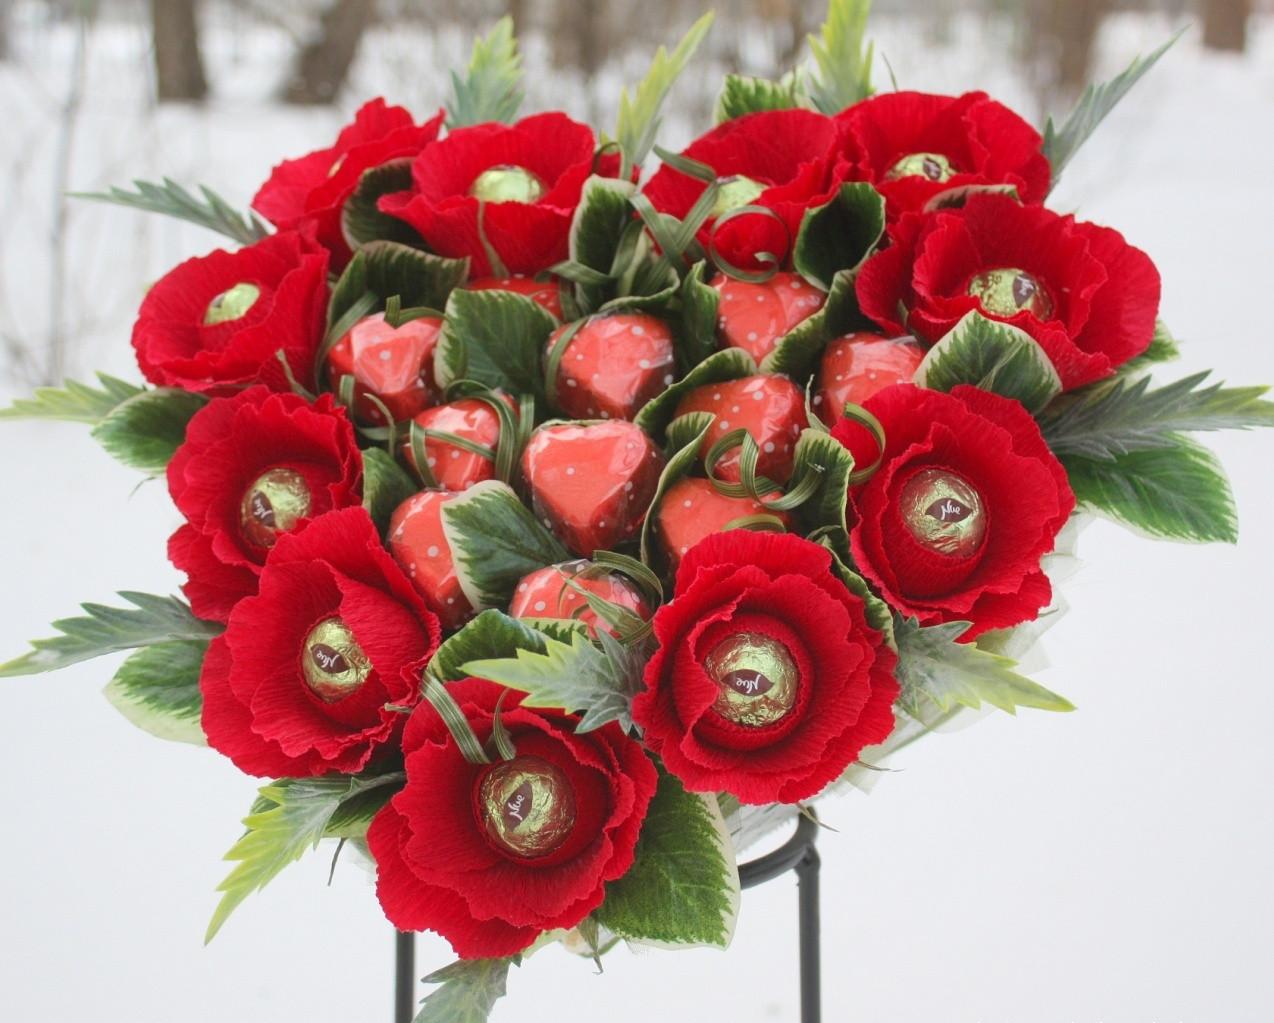 Сердце из роз с конфетами Ферреро Роше - подарок на День влюбленных